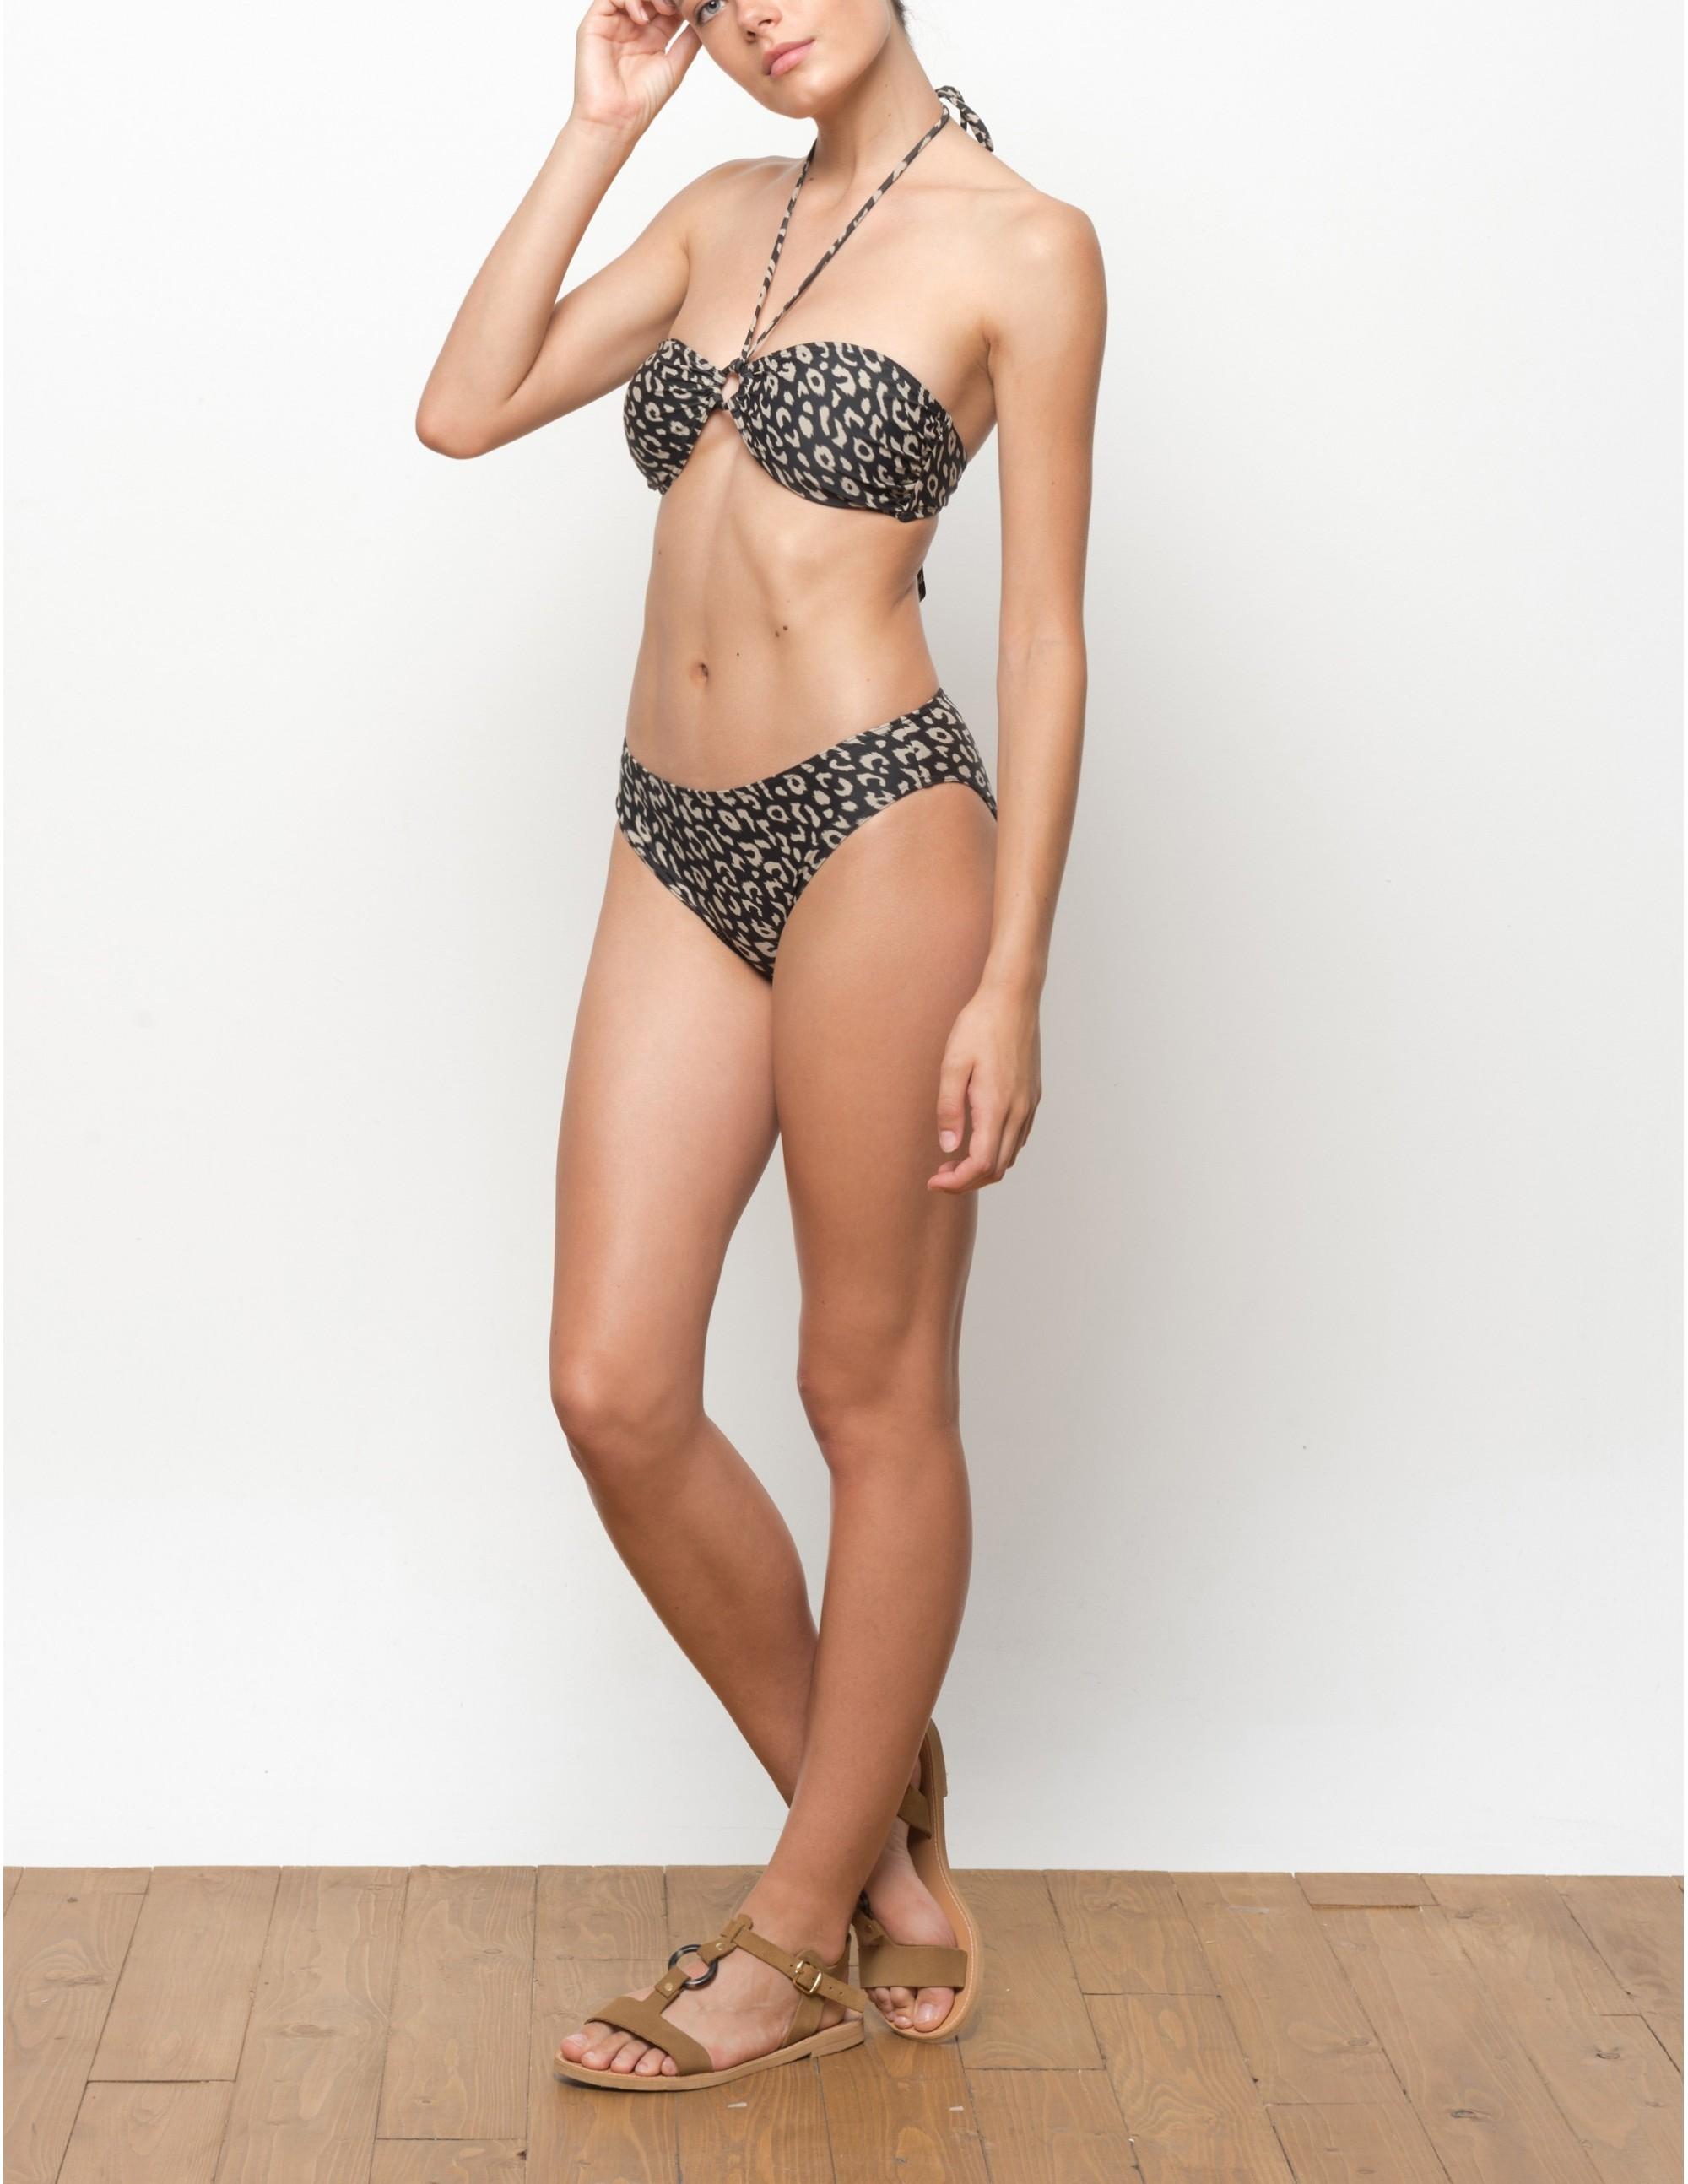 VAI bikini bottom - LEOPARD